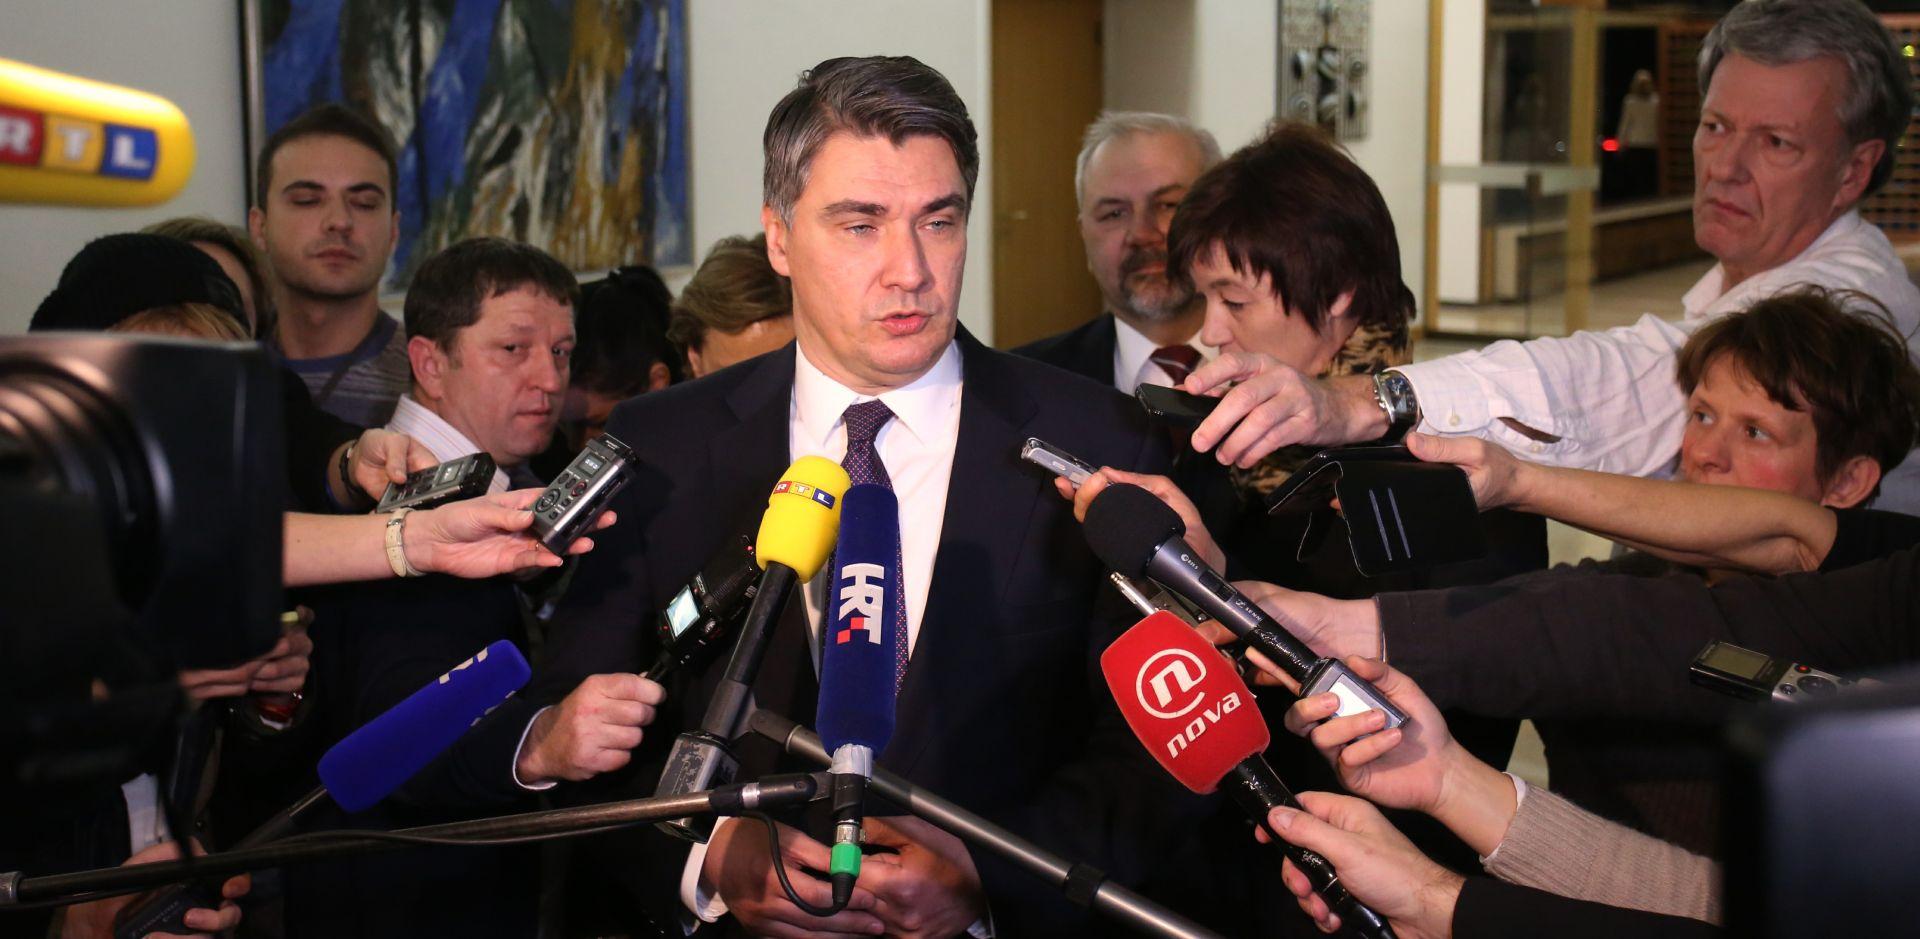 Milanović: Nemamo dovoljan broj glasova, nastavljamo razgovore s Mostom